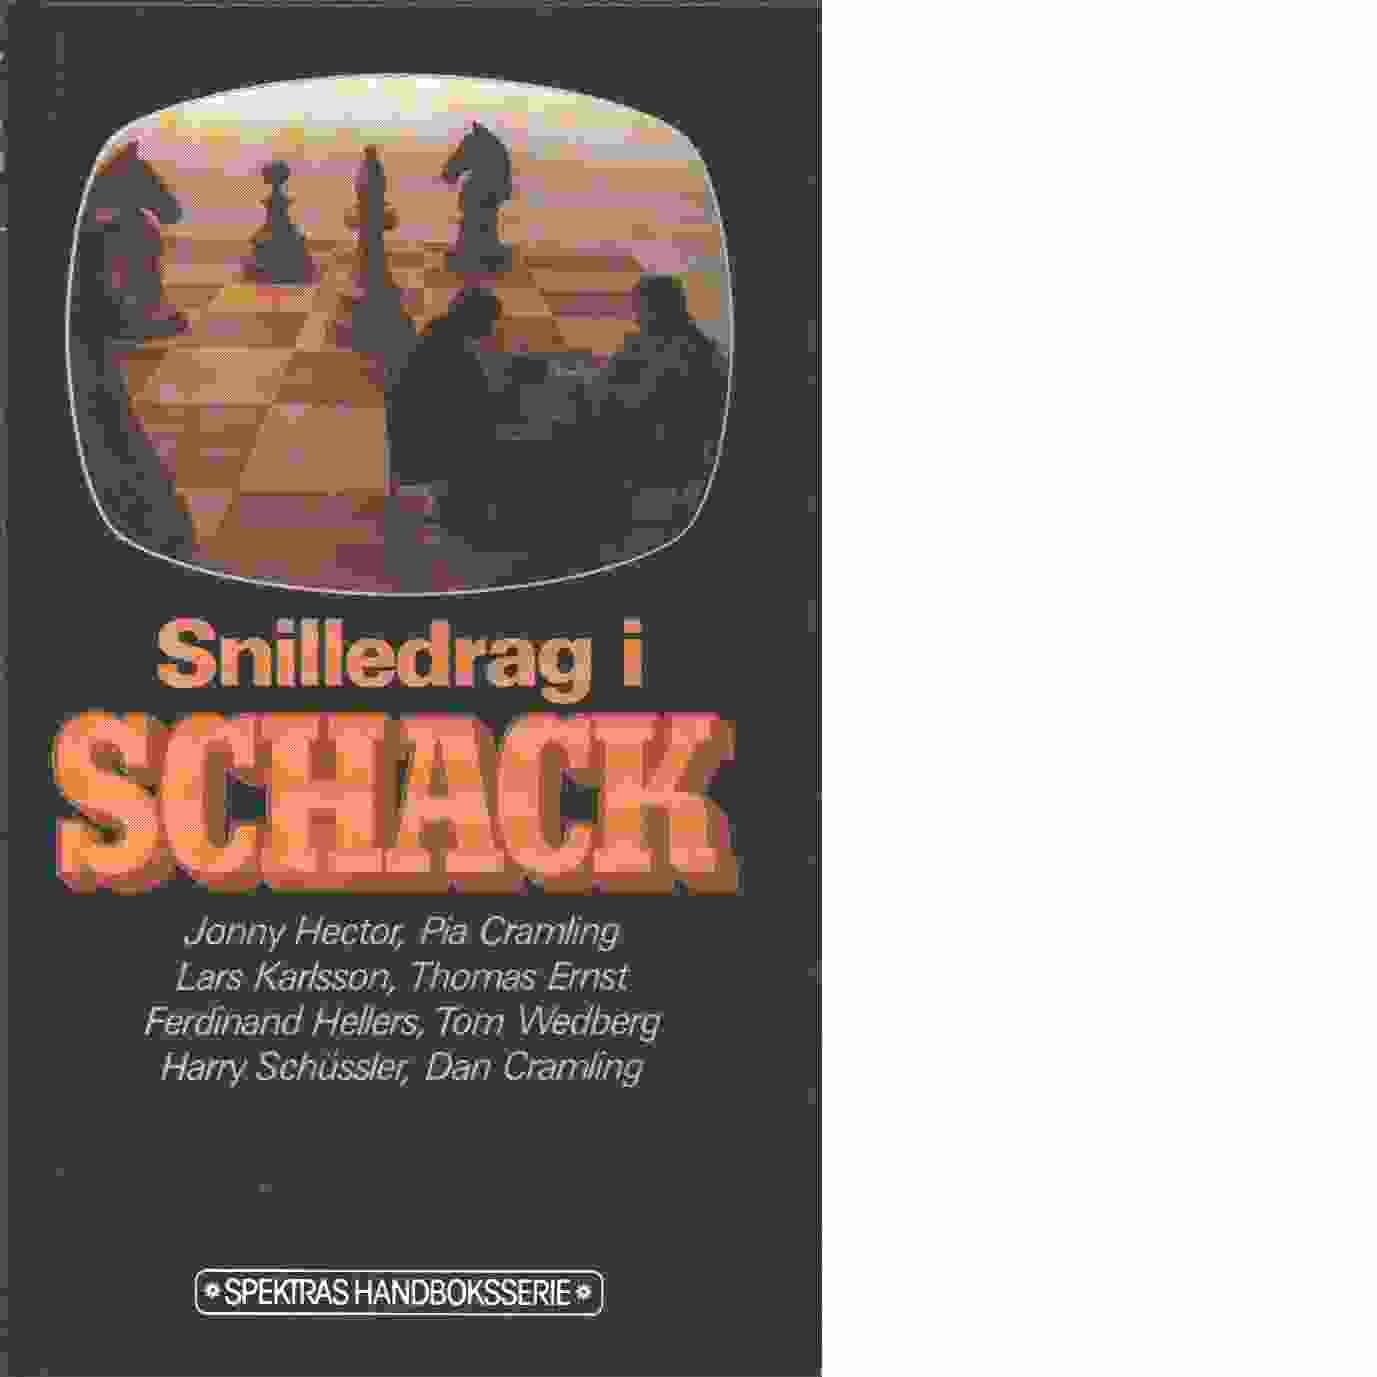 Snilledrag i schack - Samuelsson, Sven-Gunnar och Ornstein, Axel